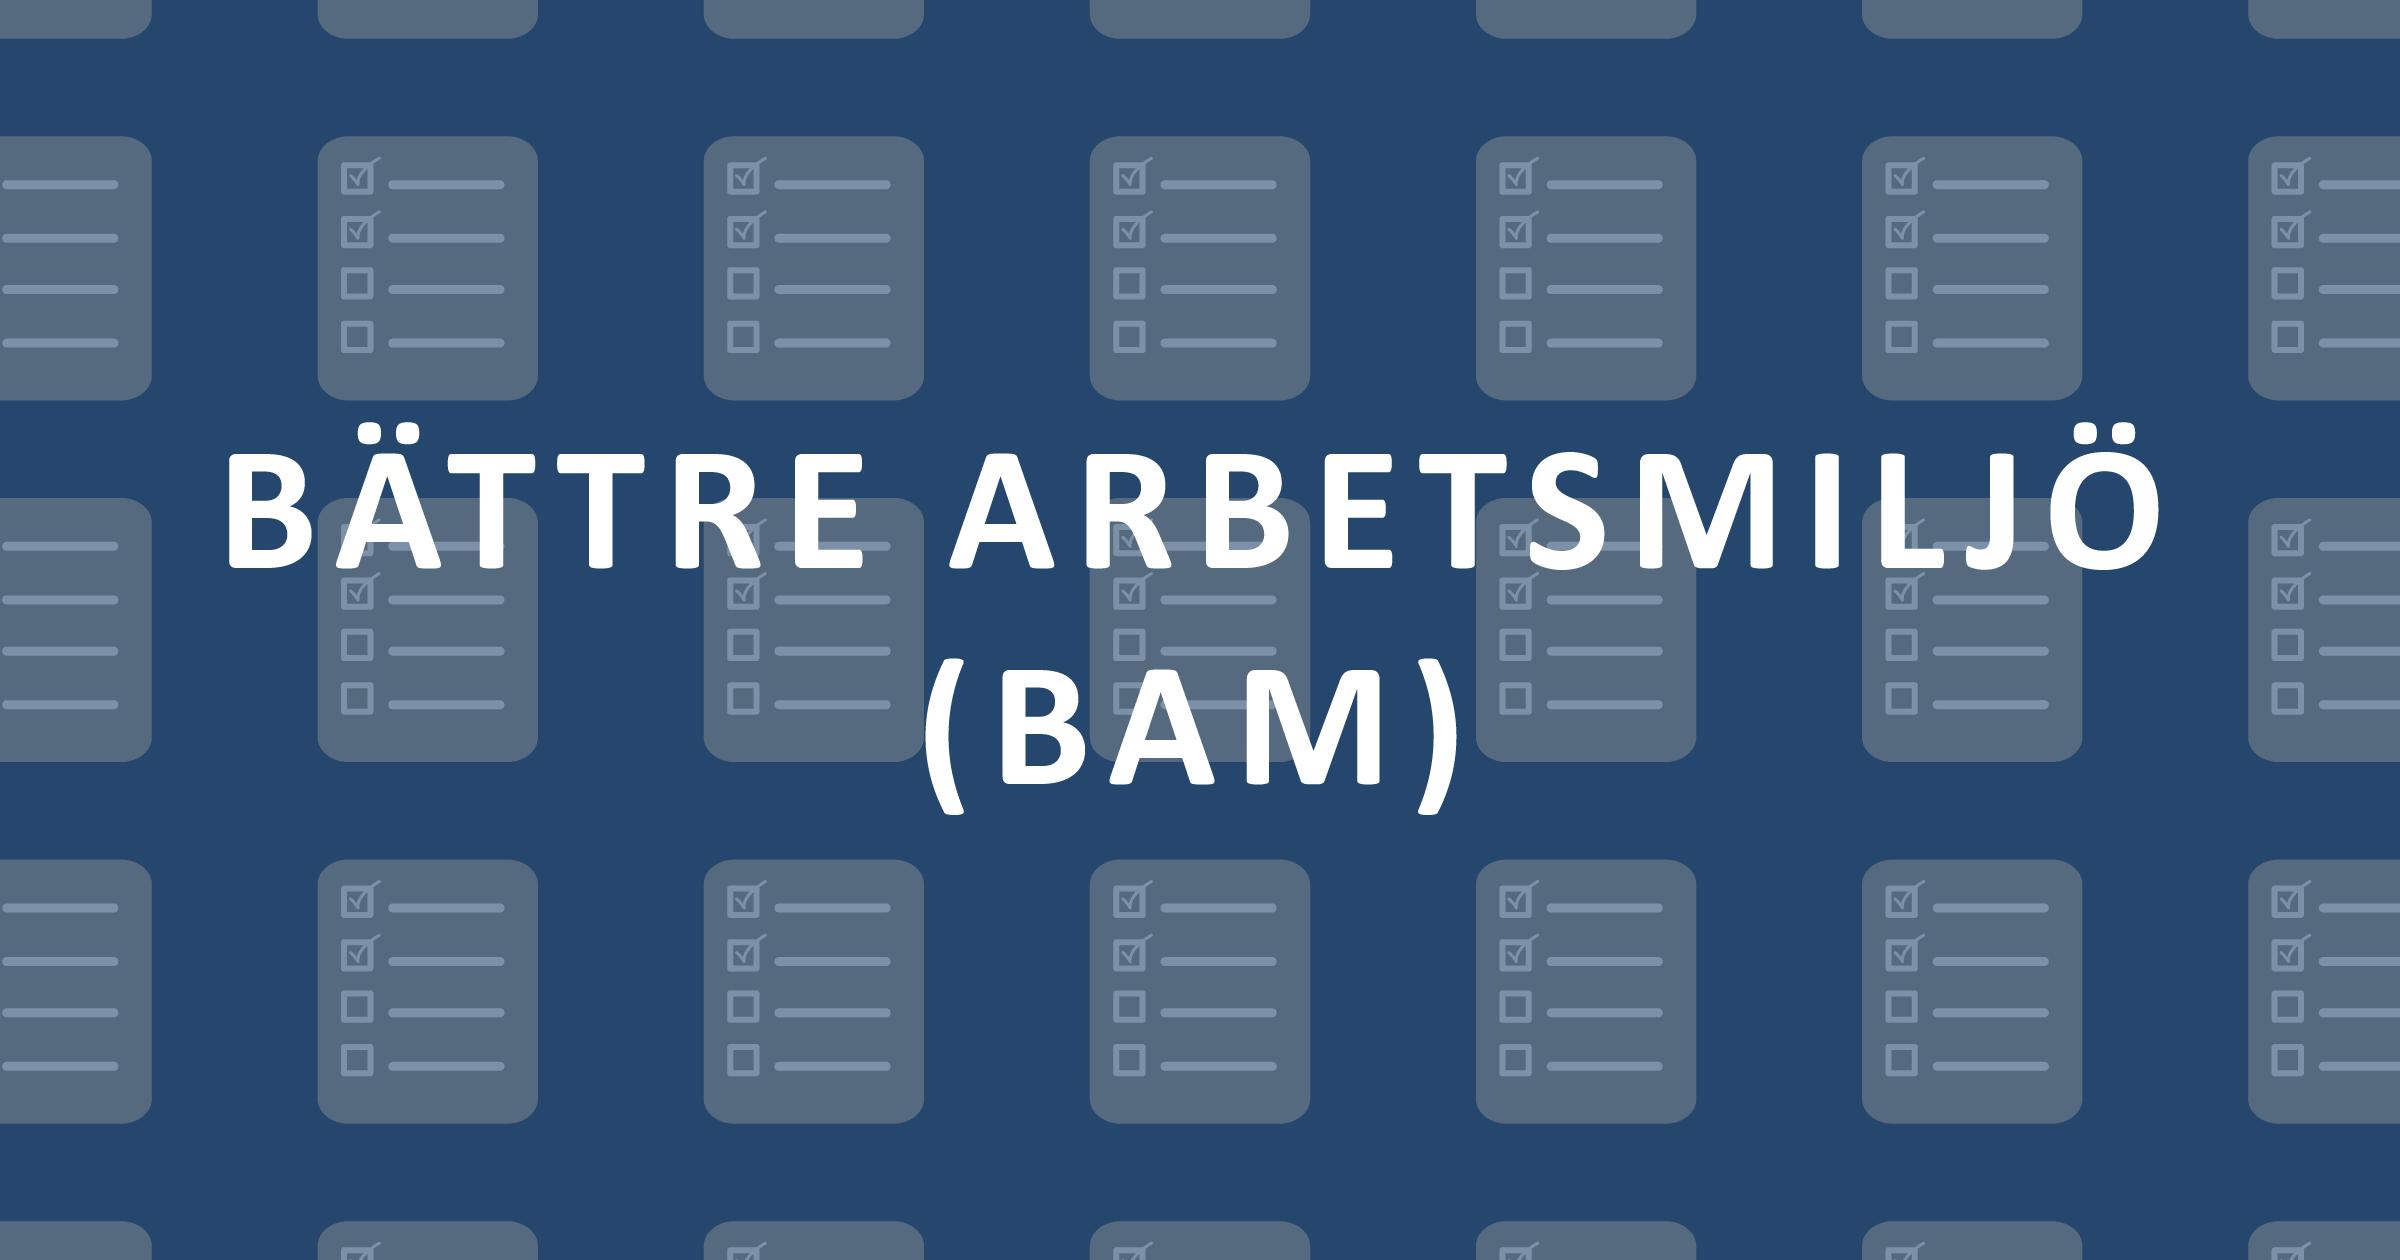 Bättre Arbetsmiljö (BAM) | Eldupphör